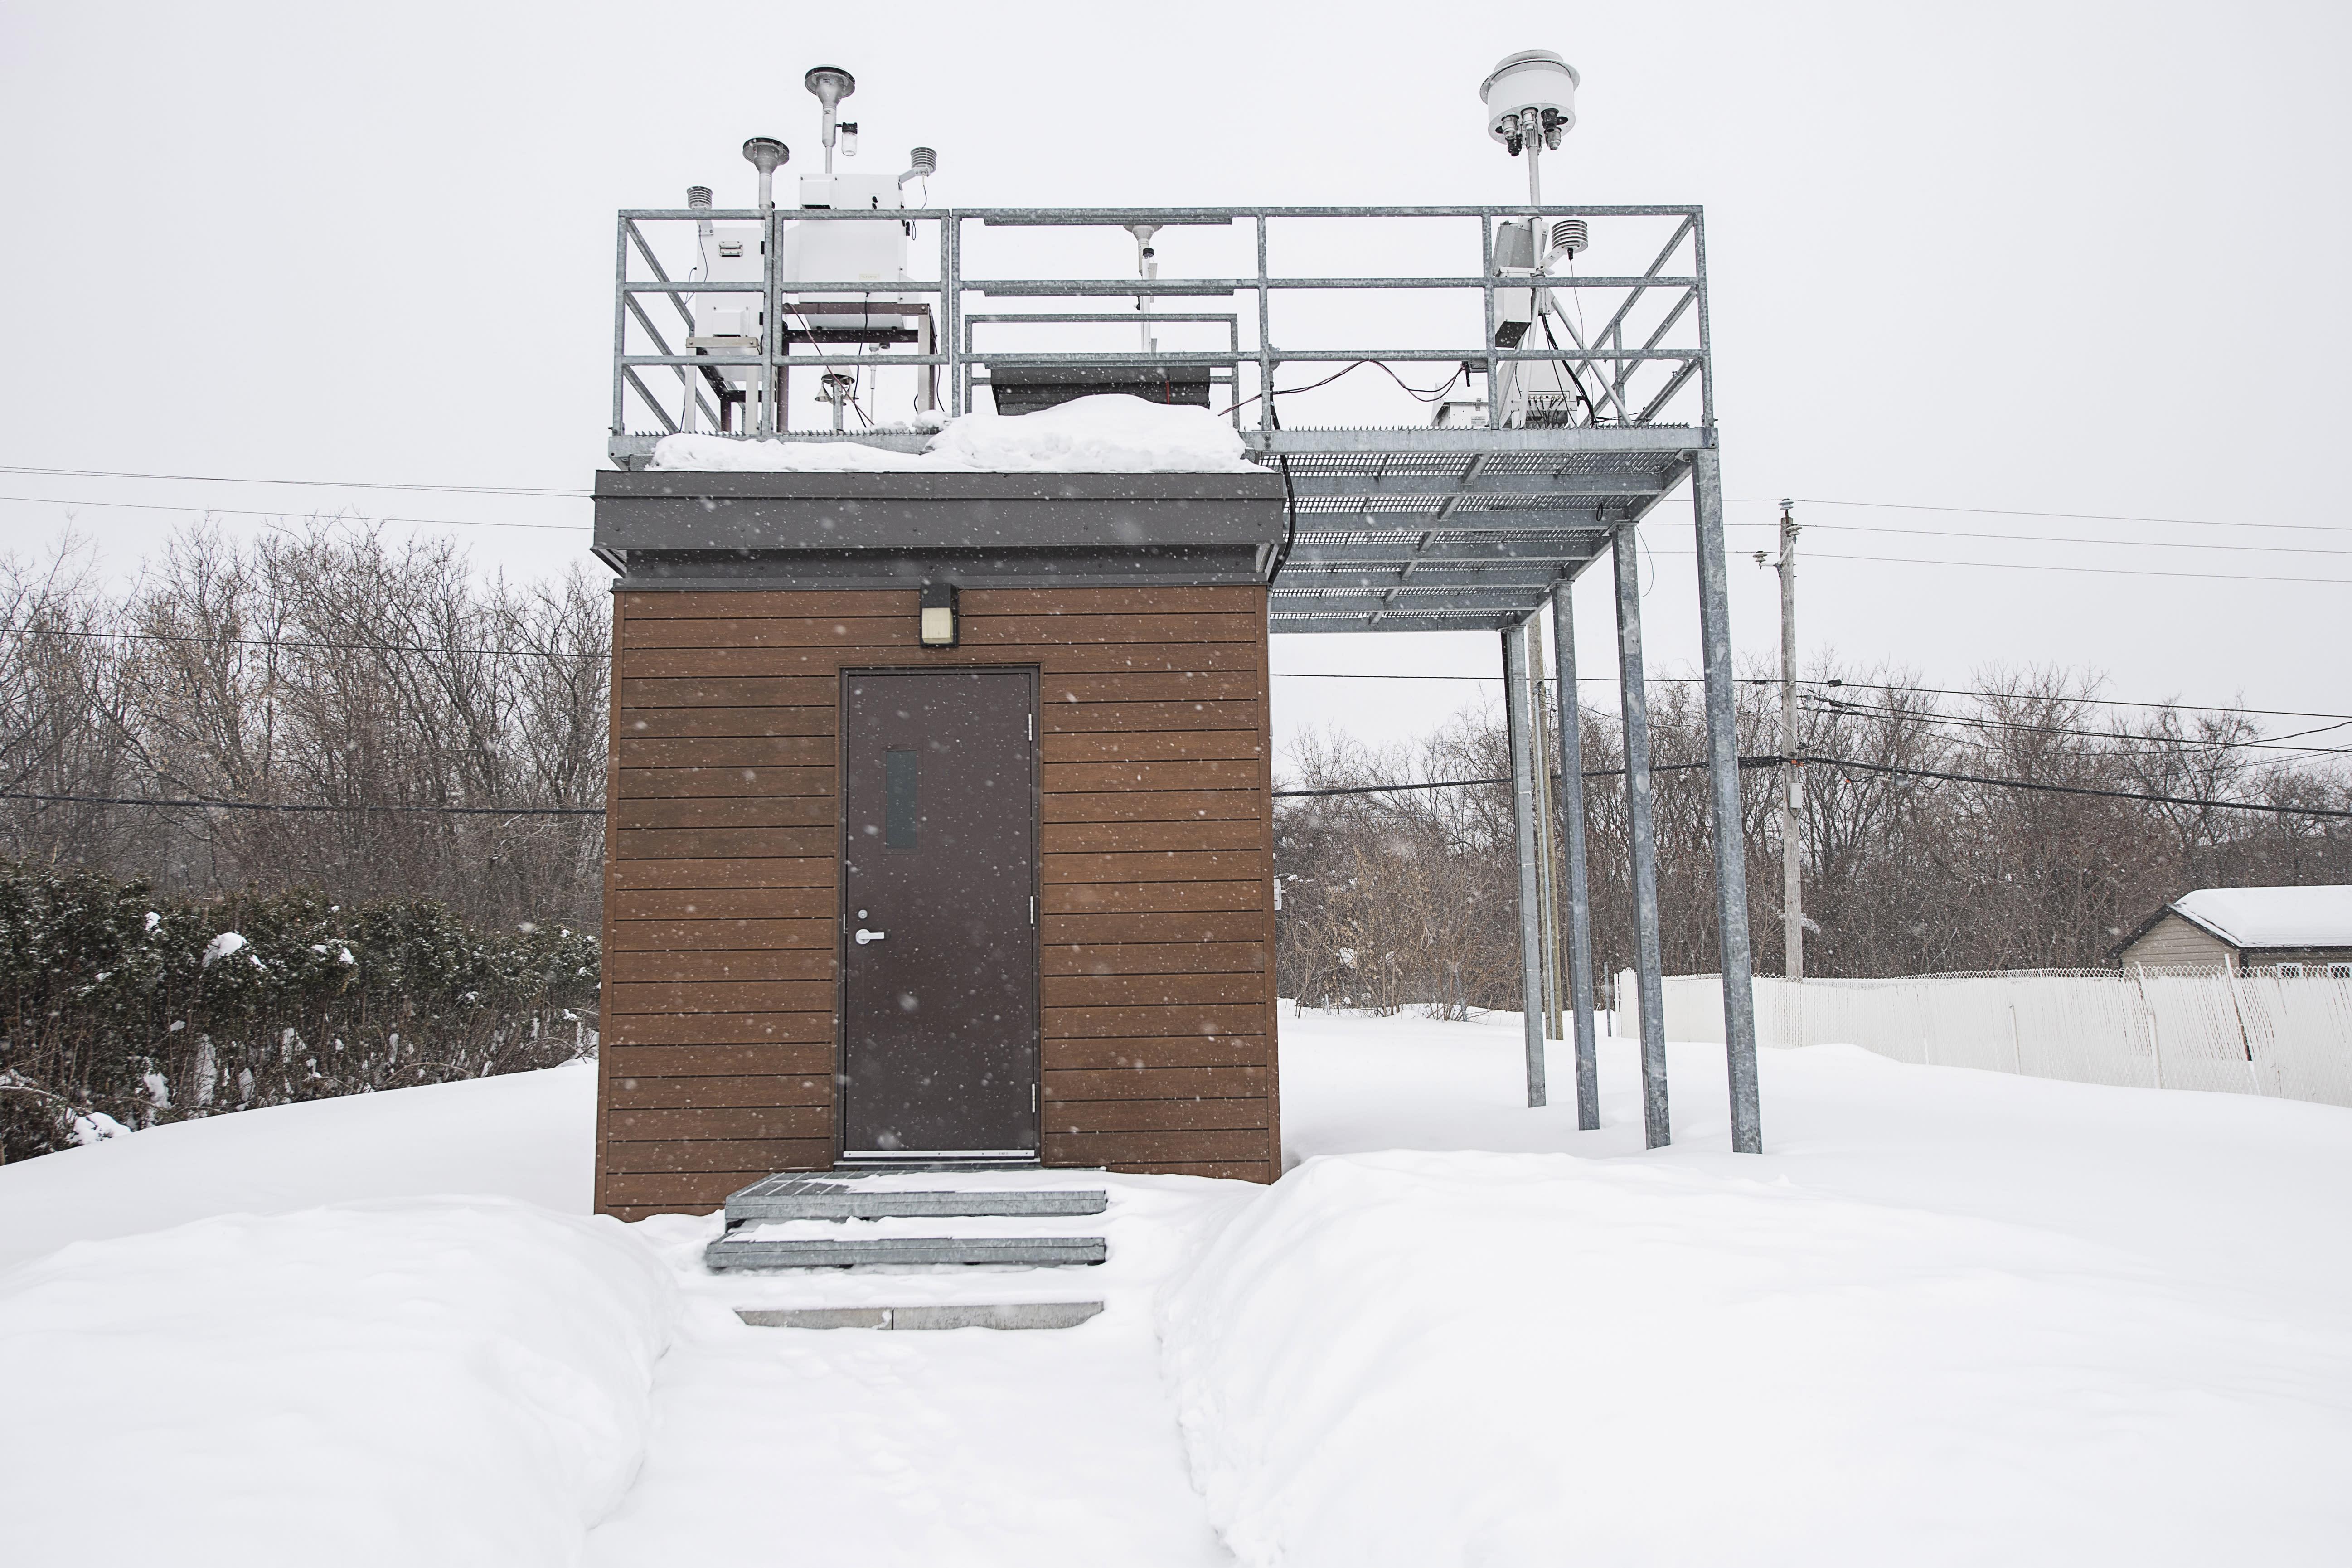 Station de la qualité de l'air à Pointe-aux-Trembles